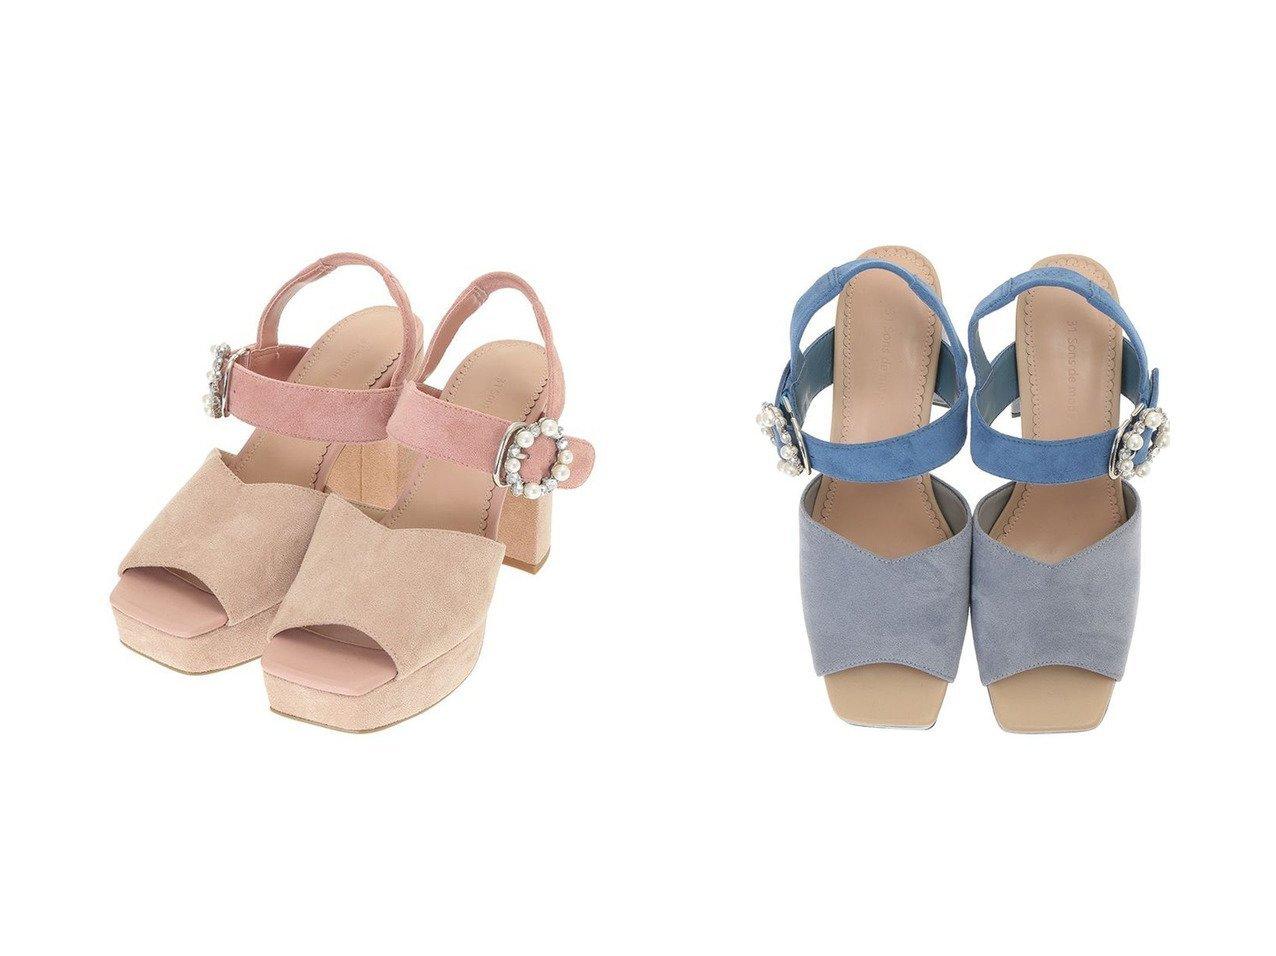 【31 Sons de mode/トランテアン ソン ドゥ モード】のフェイクスエードビジューサンダル シューズ・靴のおすすめ!人気、トレンド・レディースファッションの通販 おすすめで人気の流行・トレンド、ファッションの通販商品 メンズファッション・キッズファッション・インテリア・家具・レディースファッション・服の通販 founy(ファニー) https://founy.com/ ファッション Fashion レディースファッション WOMEN 2020年 2020 2020-2021 秋冬 A/W AW Autumn/Winter / FW Fall-Winter 2020-2021 2021年 2021 2021 春夏 S/S SS Spring/Summer 2021 サンダル ソックス パール 厚底 春 Spring A/W 秋冬 AW Autumn/Winter / FW Fall-Winter |ID:crp329100000011792